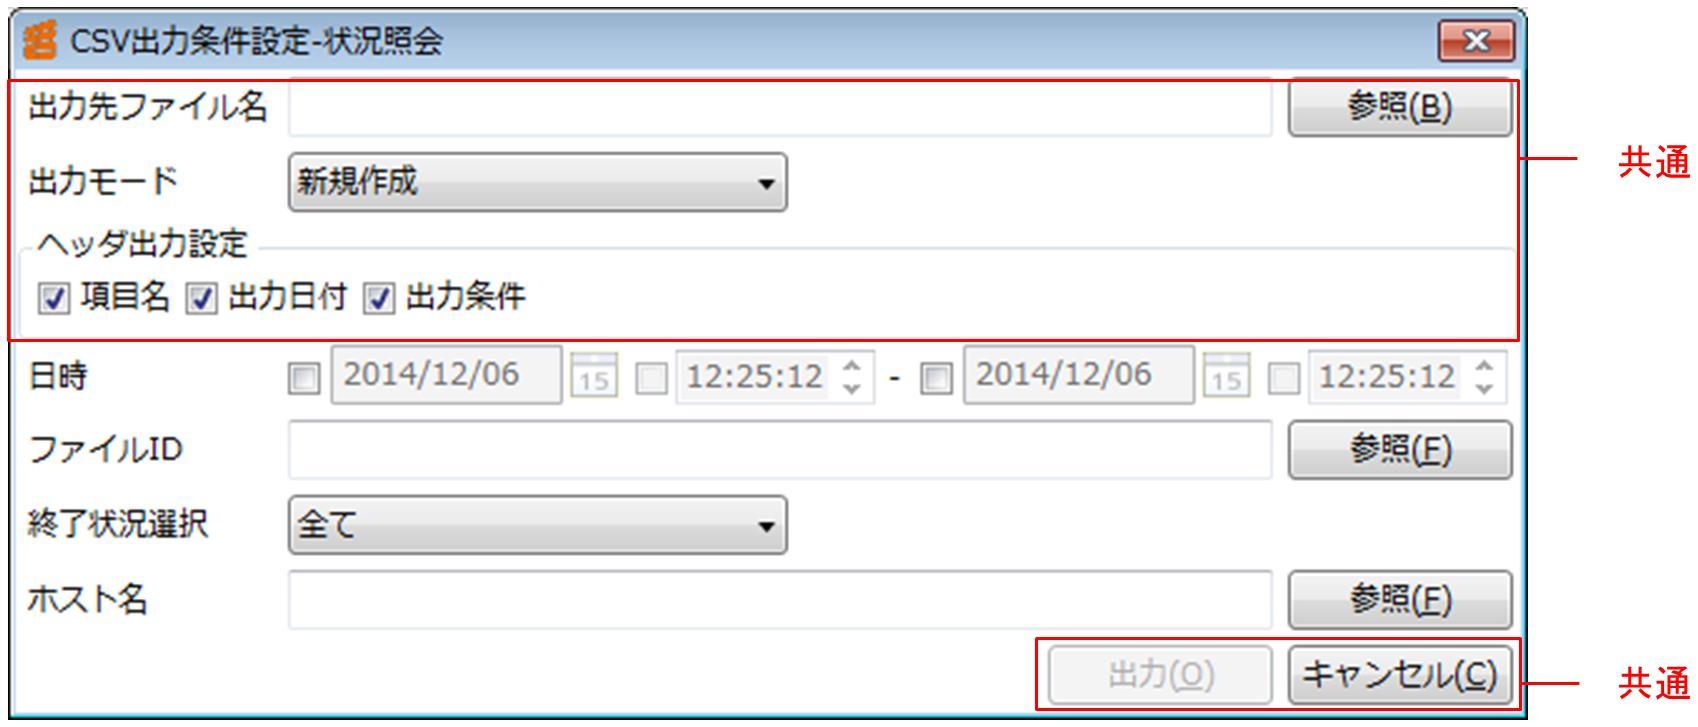 公式】HULFT Manager管理画面を使用した方法